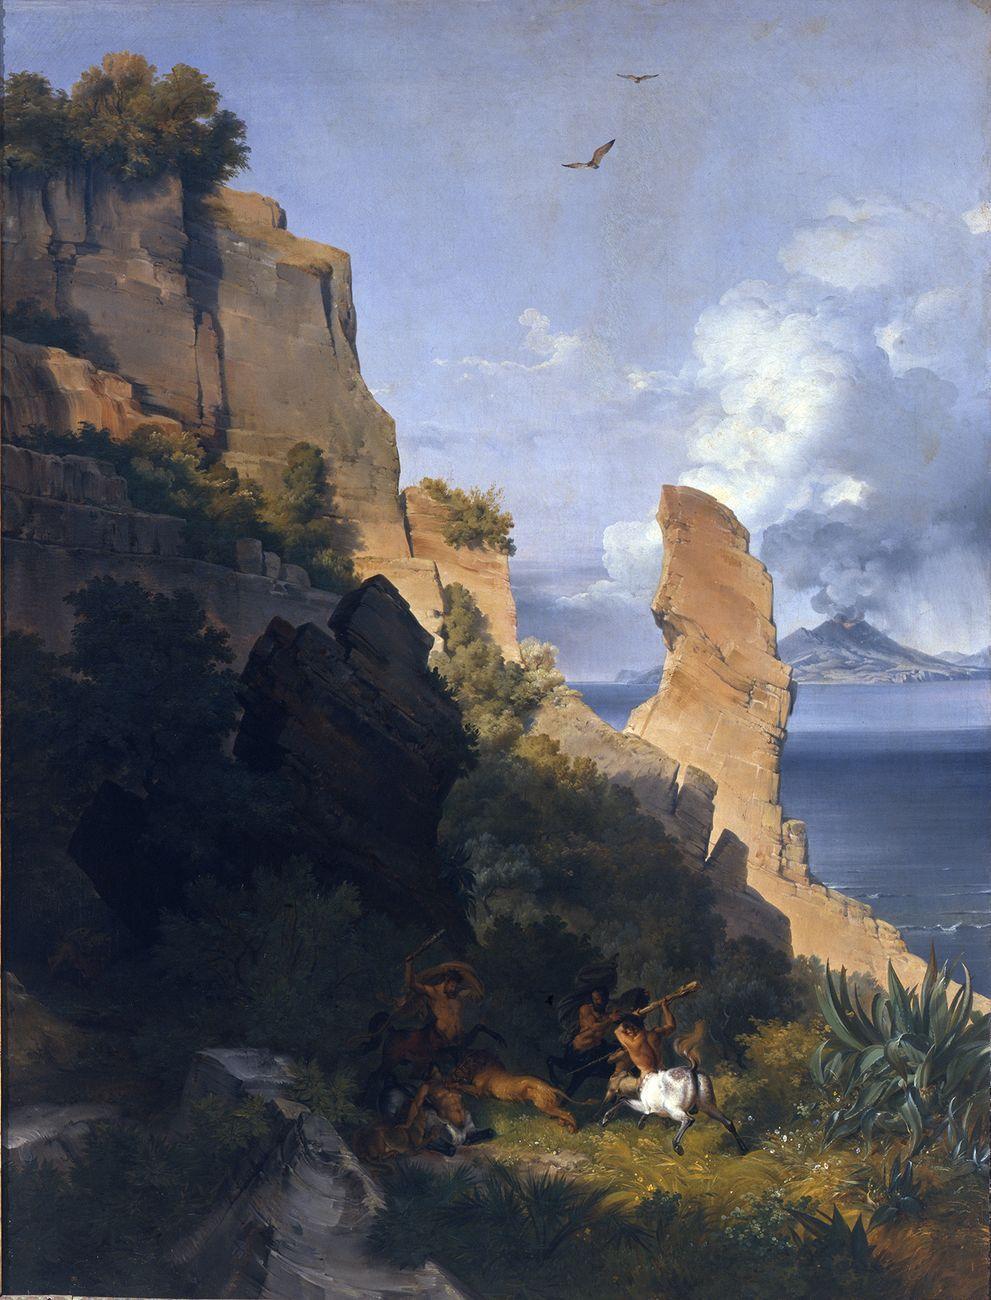 incontri rocce da Mt St Helens matrimonio senza incontri OST parte 3